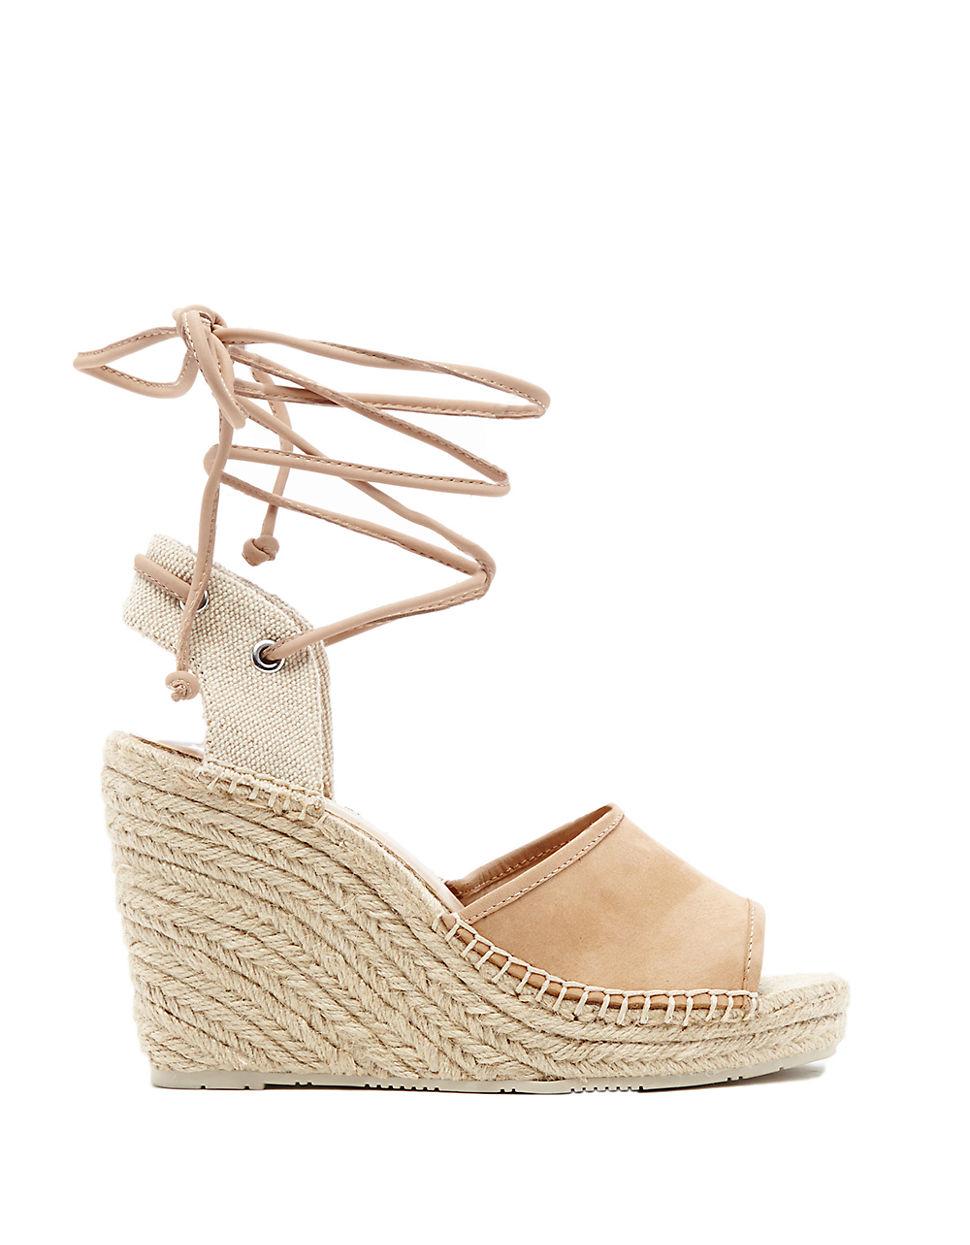 dolce vita espadrille platform wedge sandals in